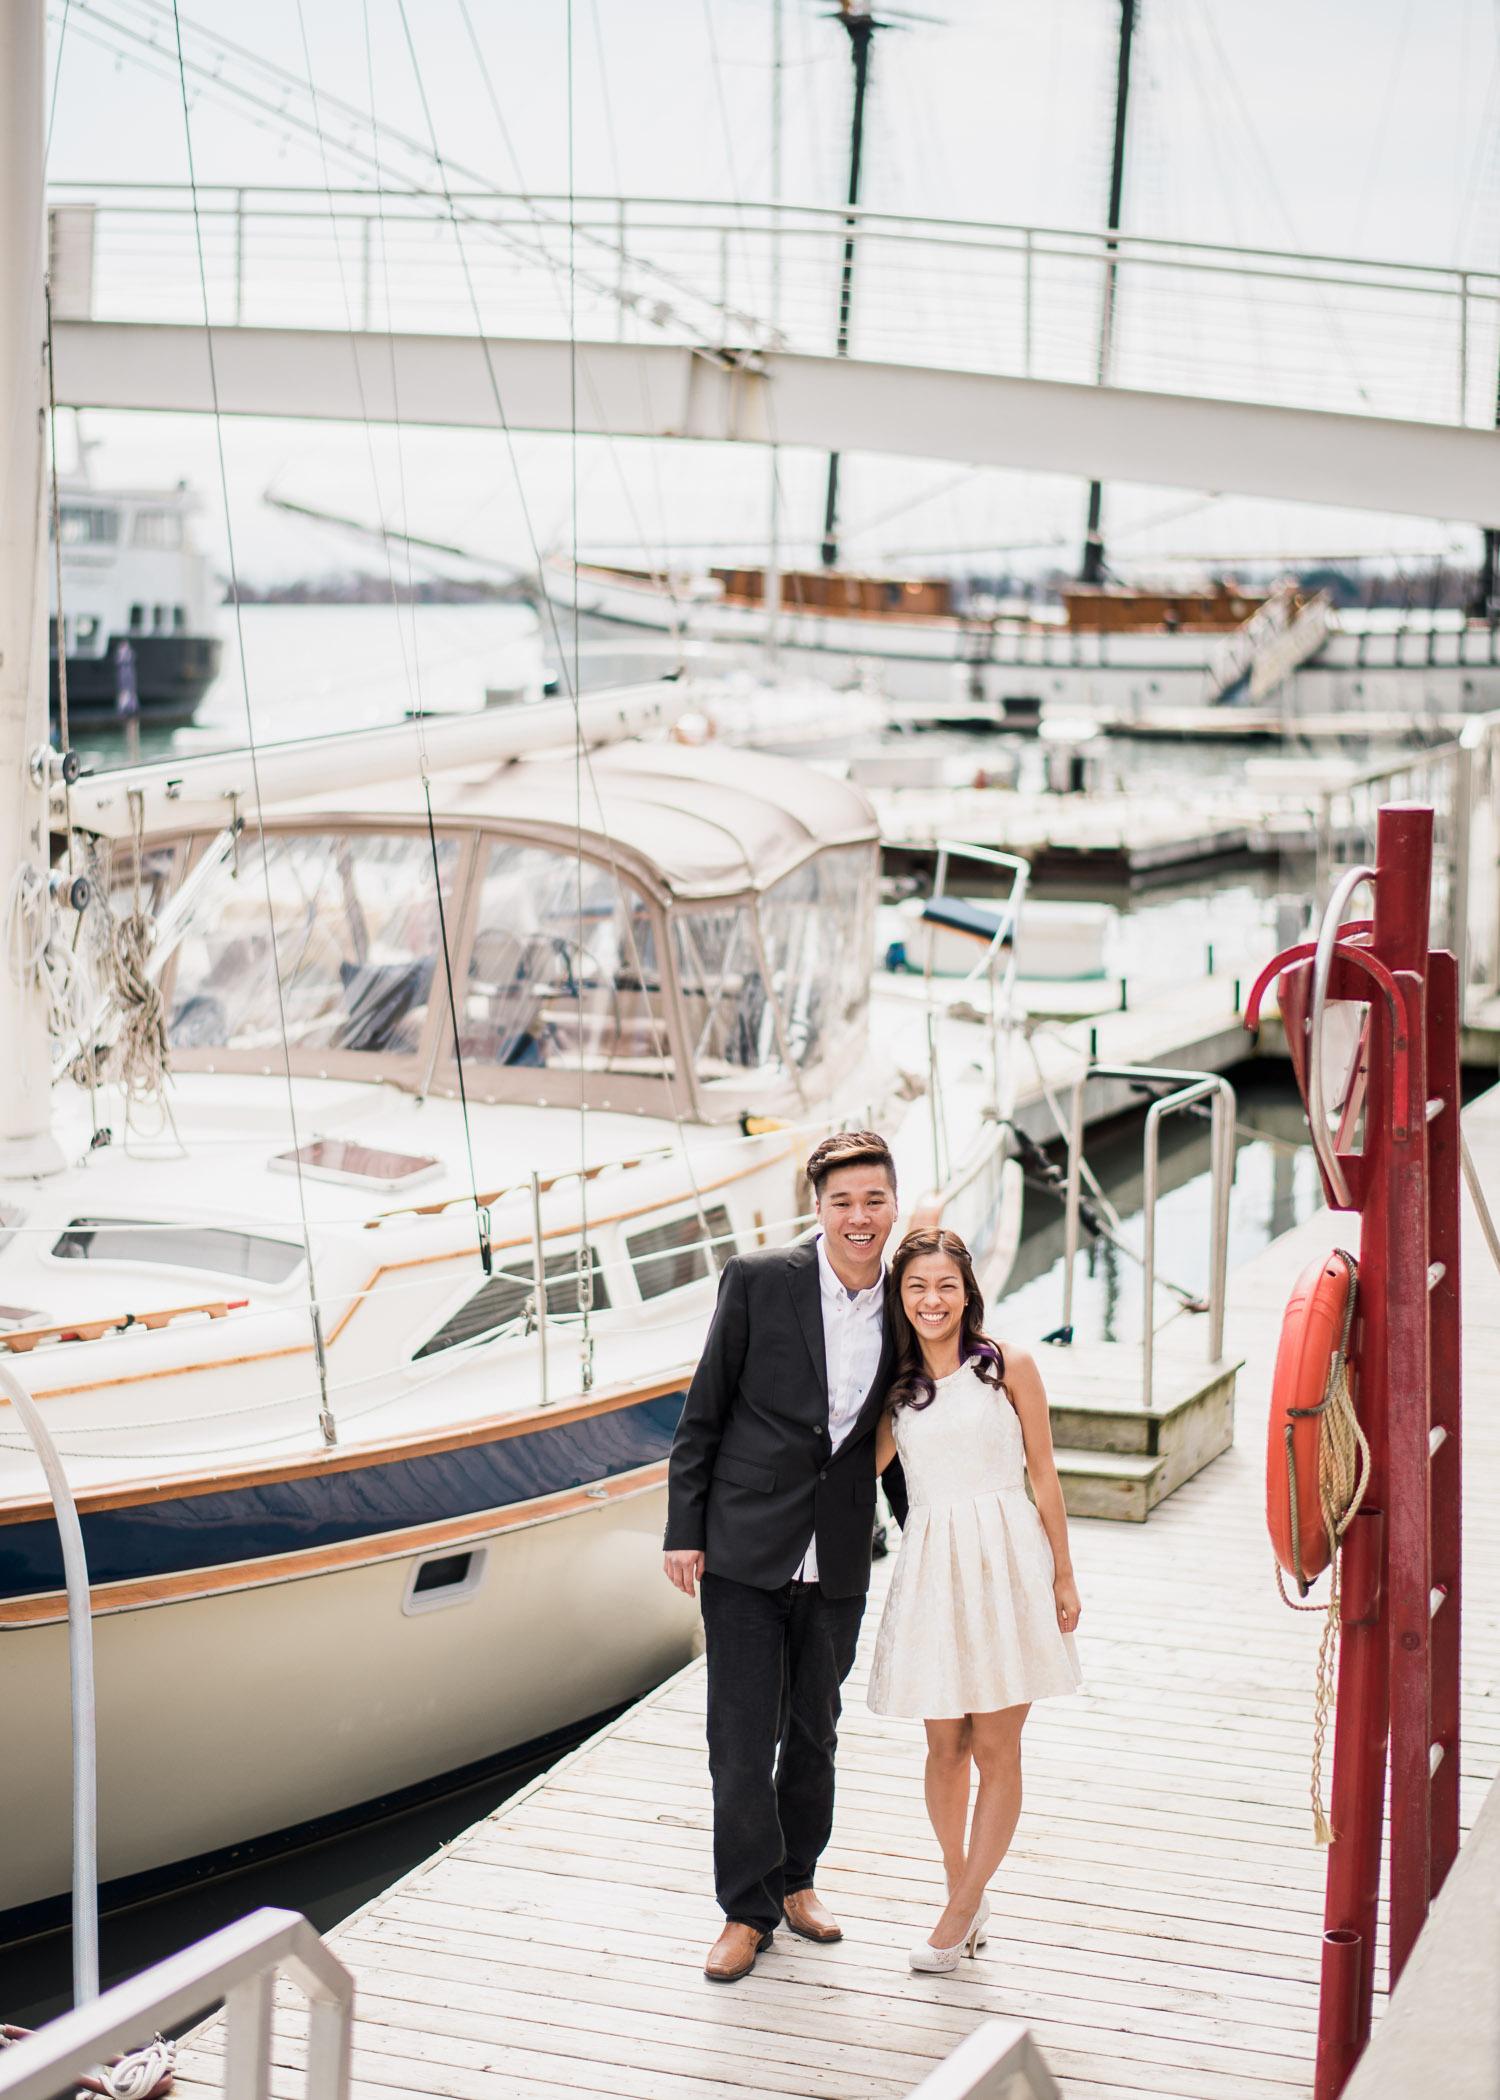 Couple staring at camera, next to a sailboat at Harbourfront Toronto